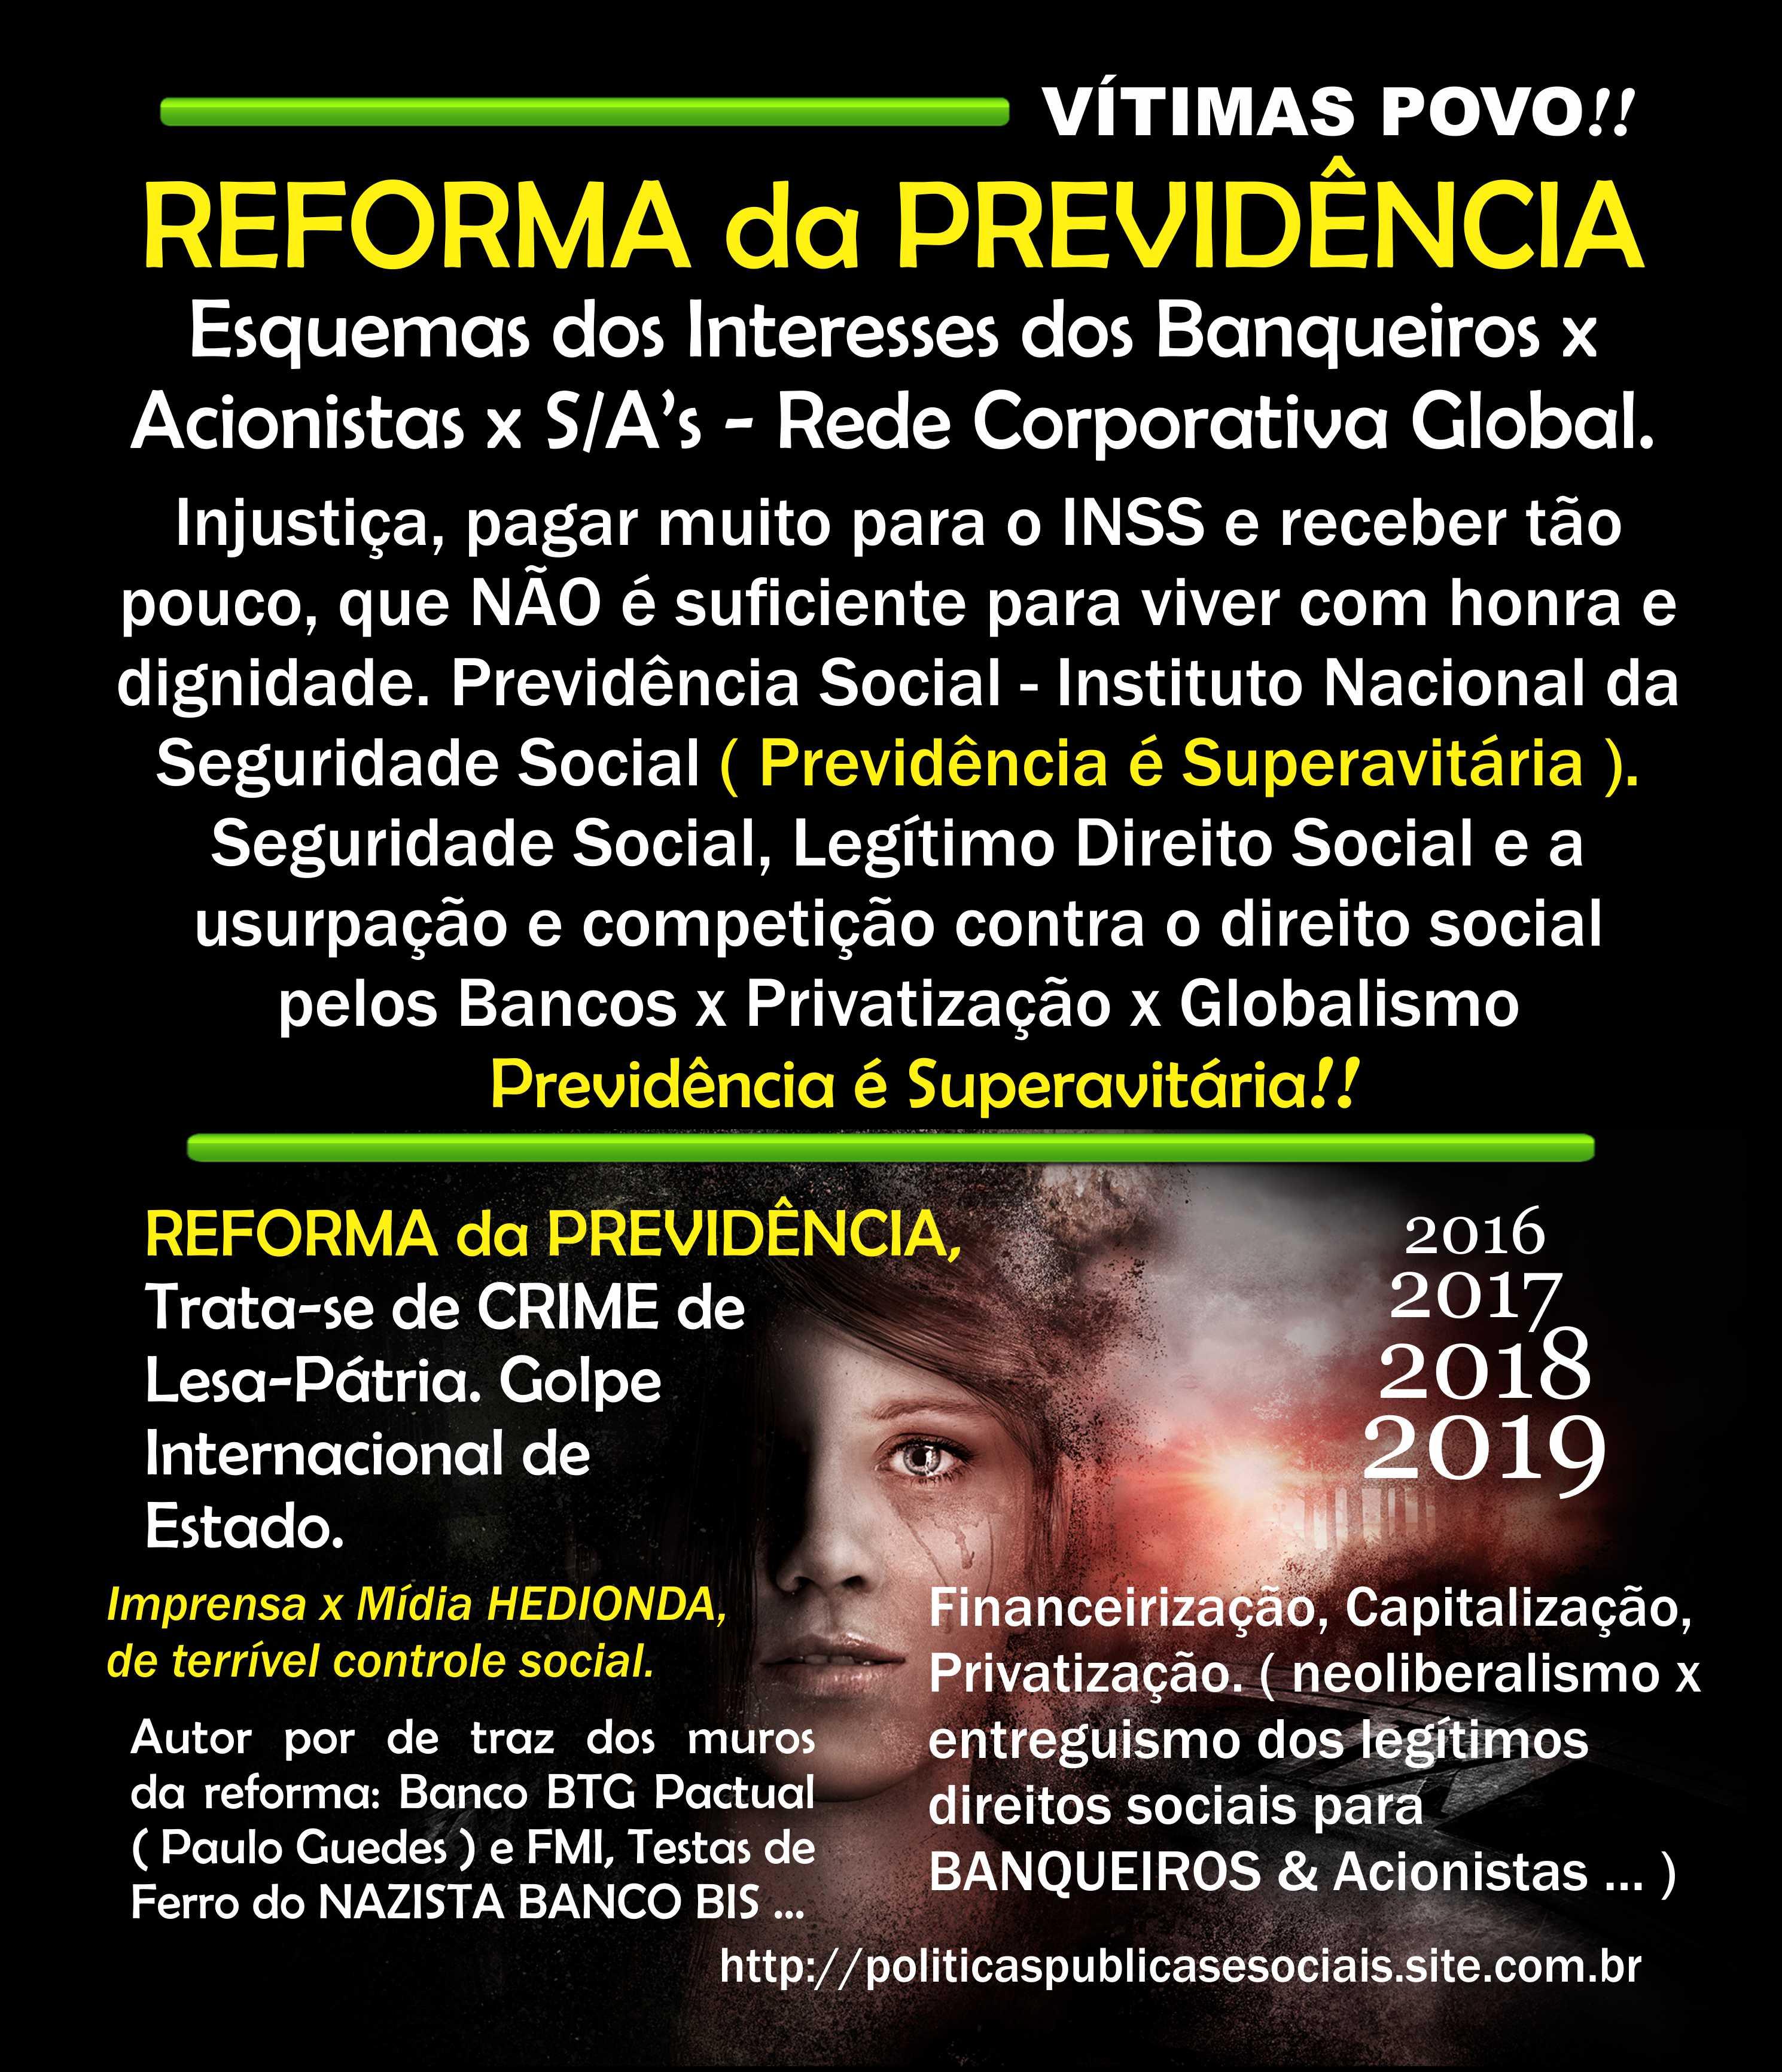 Reforma da Previdência NÃO